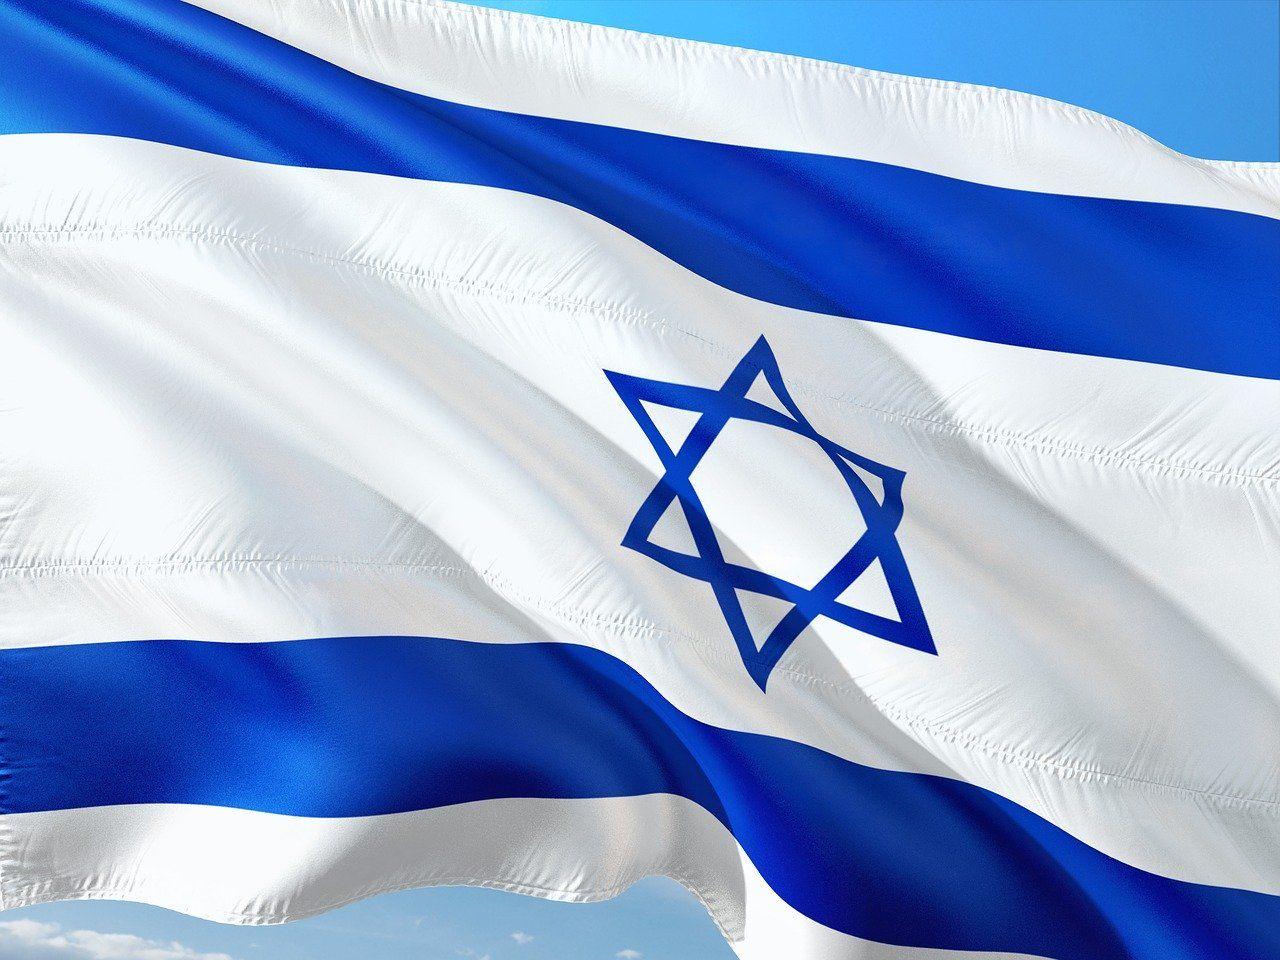 Войска уже у границы: Израиль готовит наземную военную операцию в секторе Газа